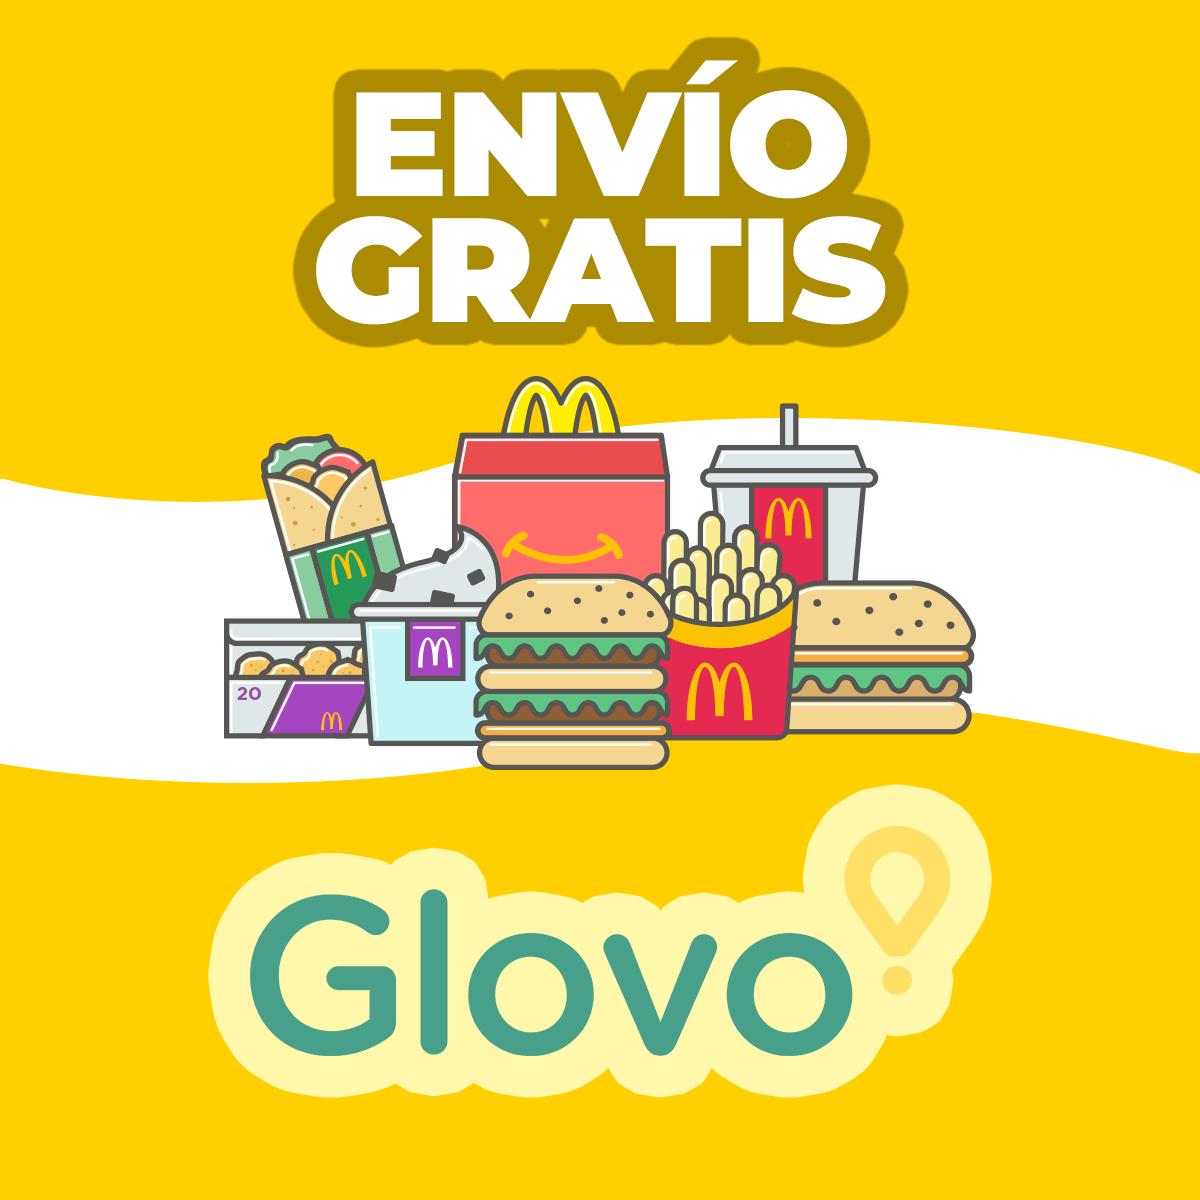 Envío gratis en McDonald's por Glovo (todas las cuentas)